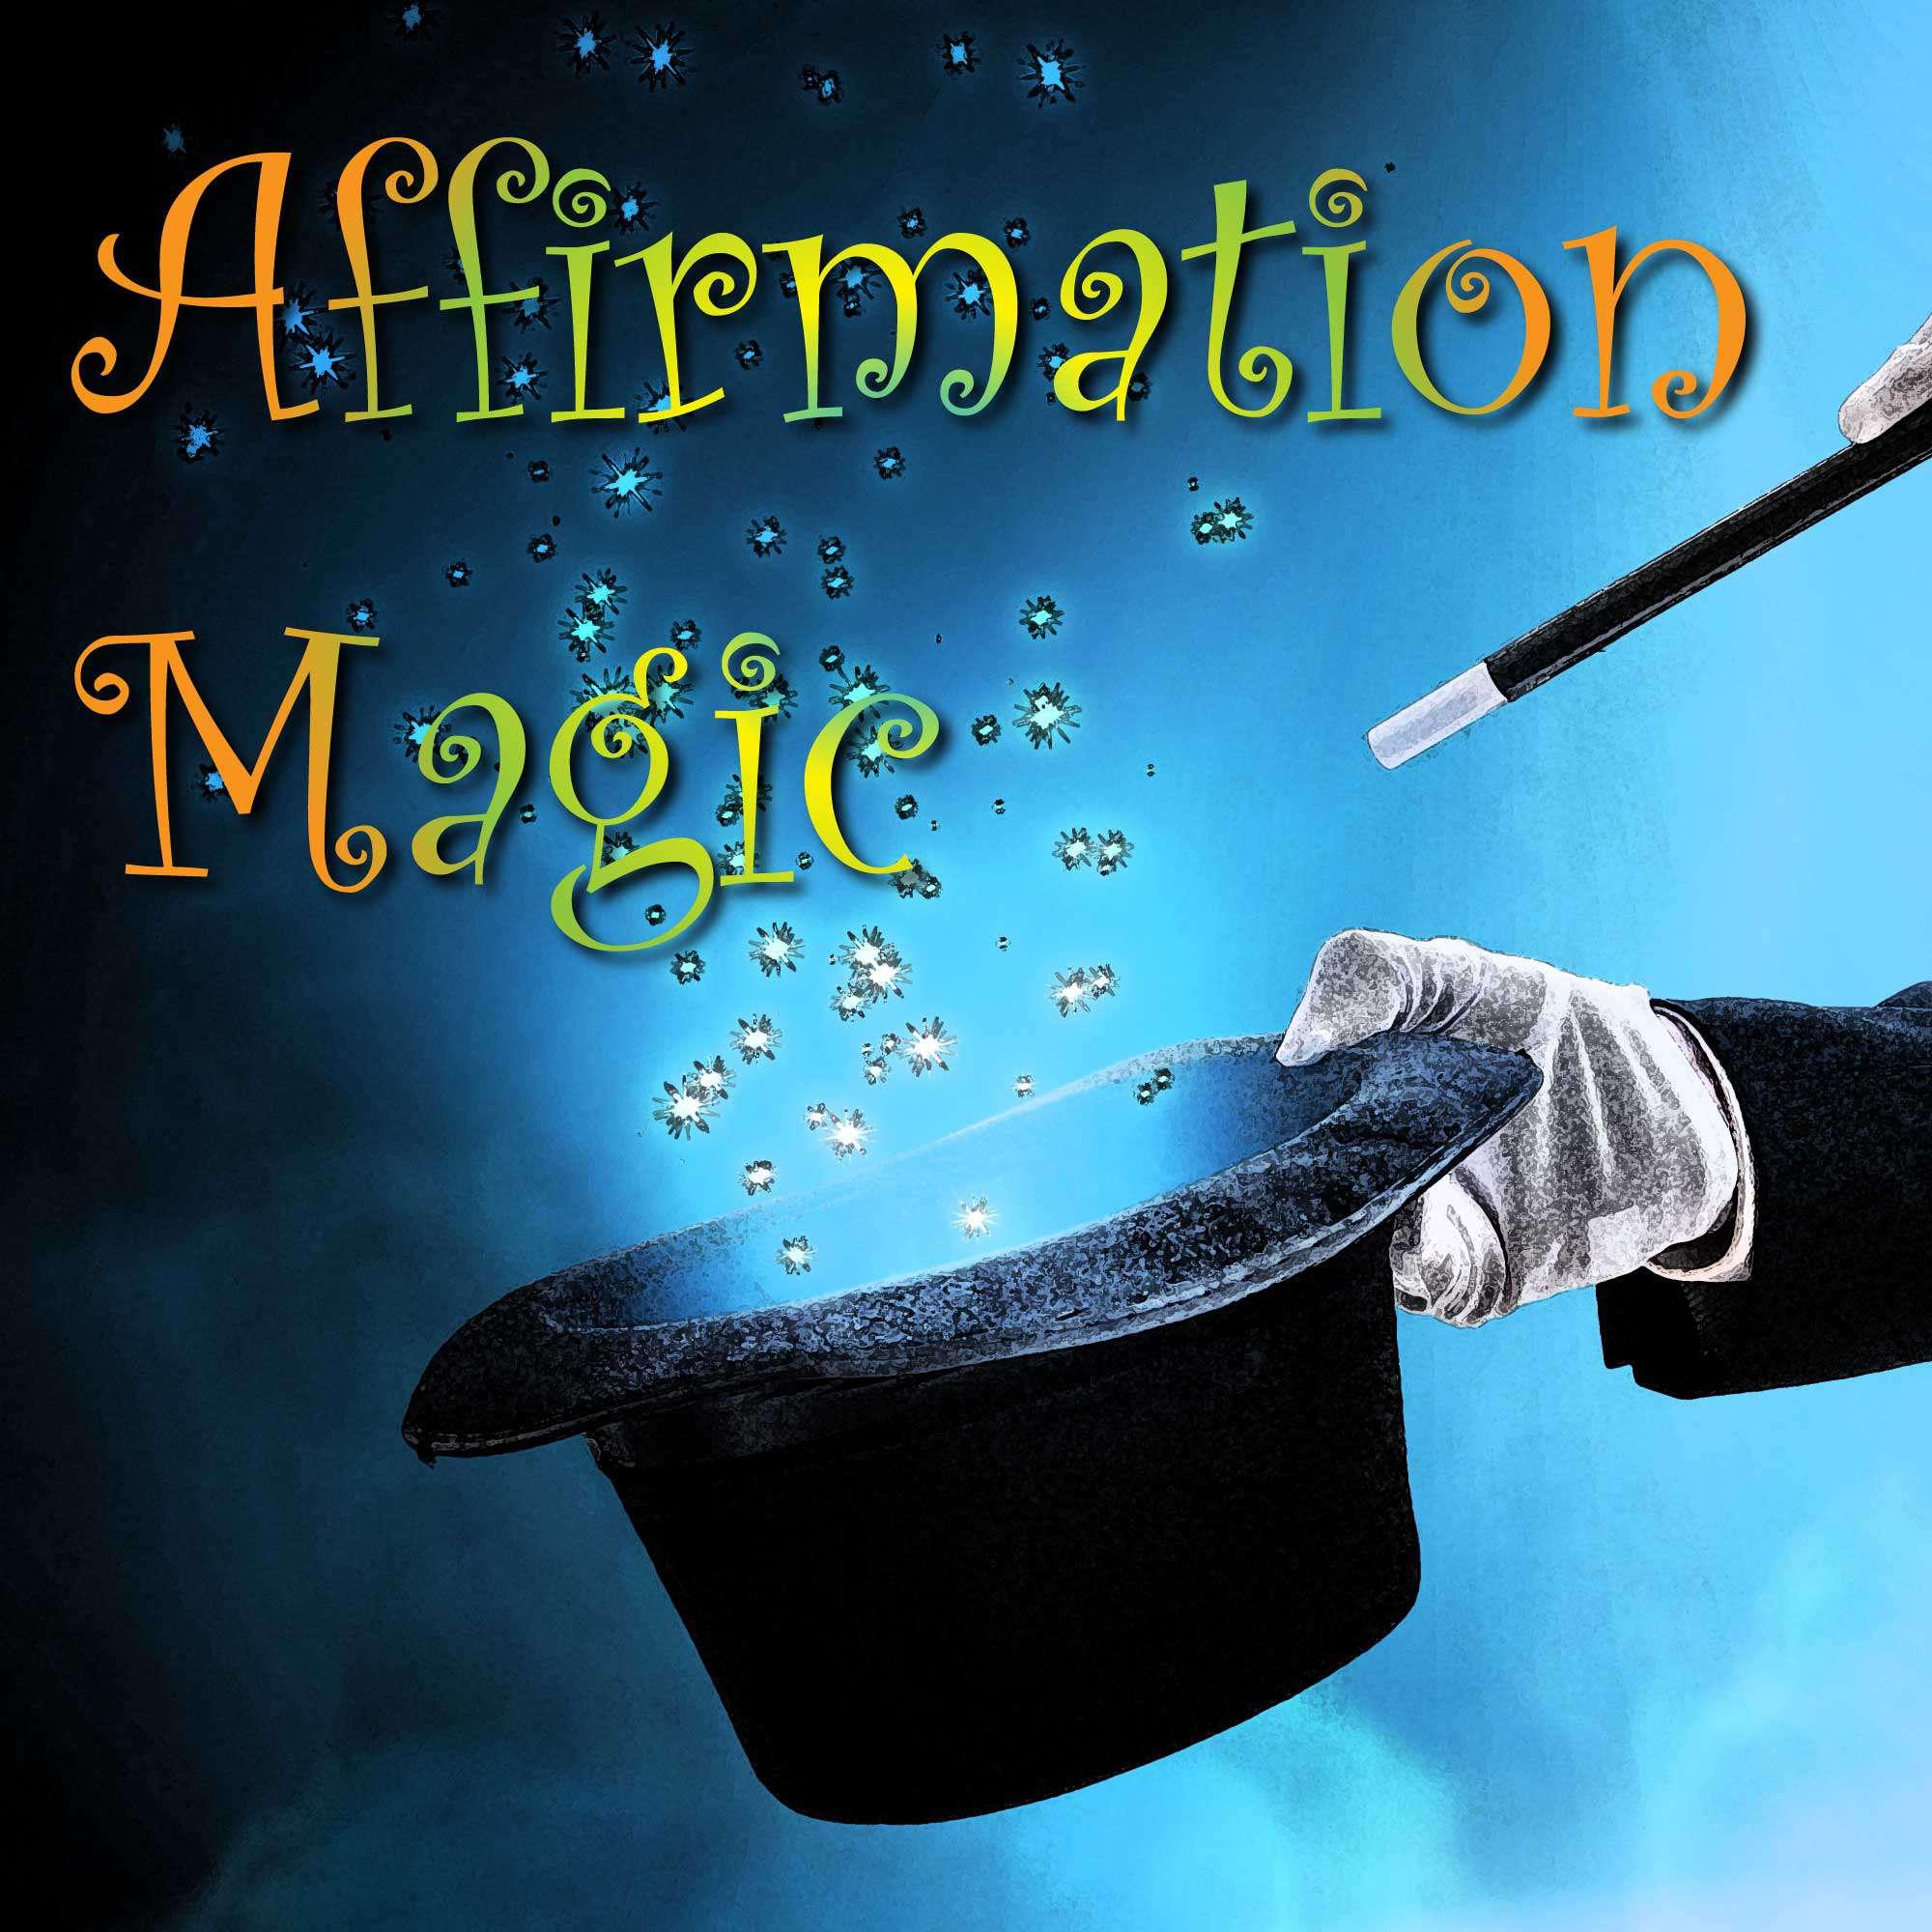 Affirmation Magic